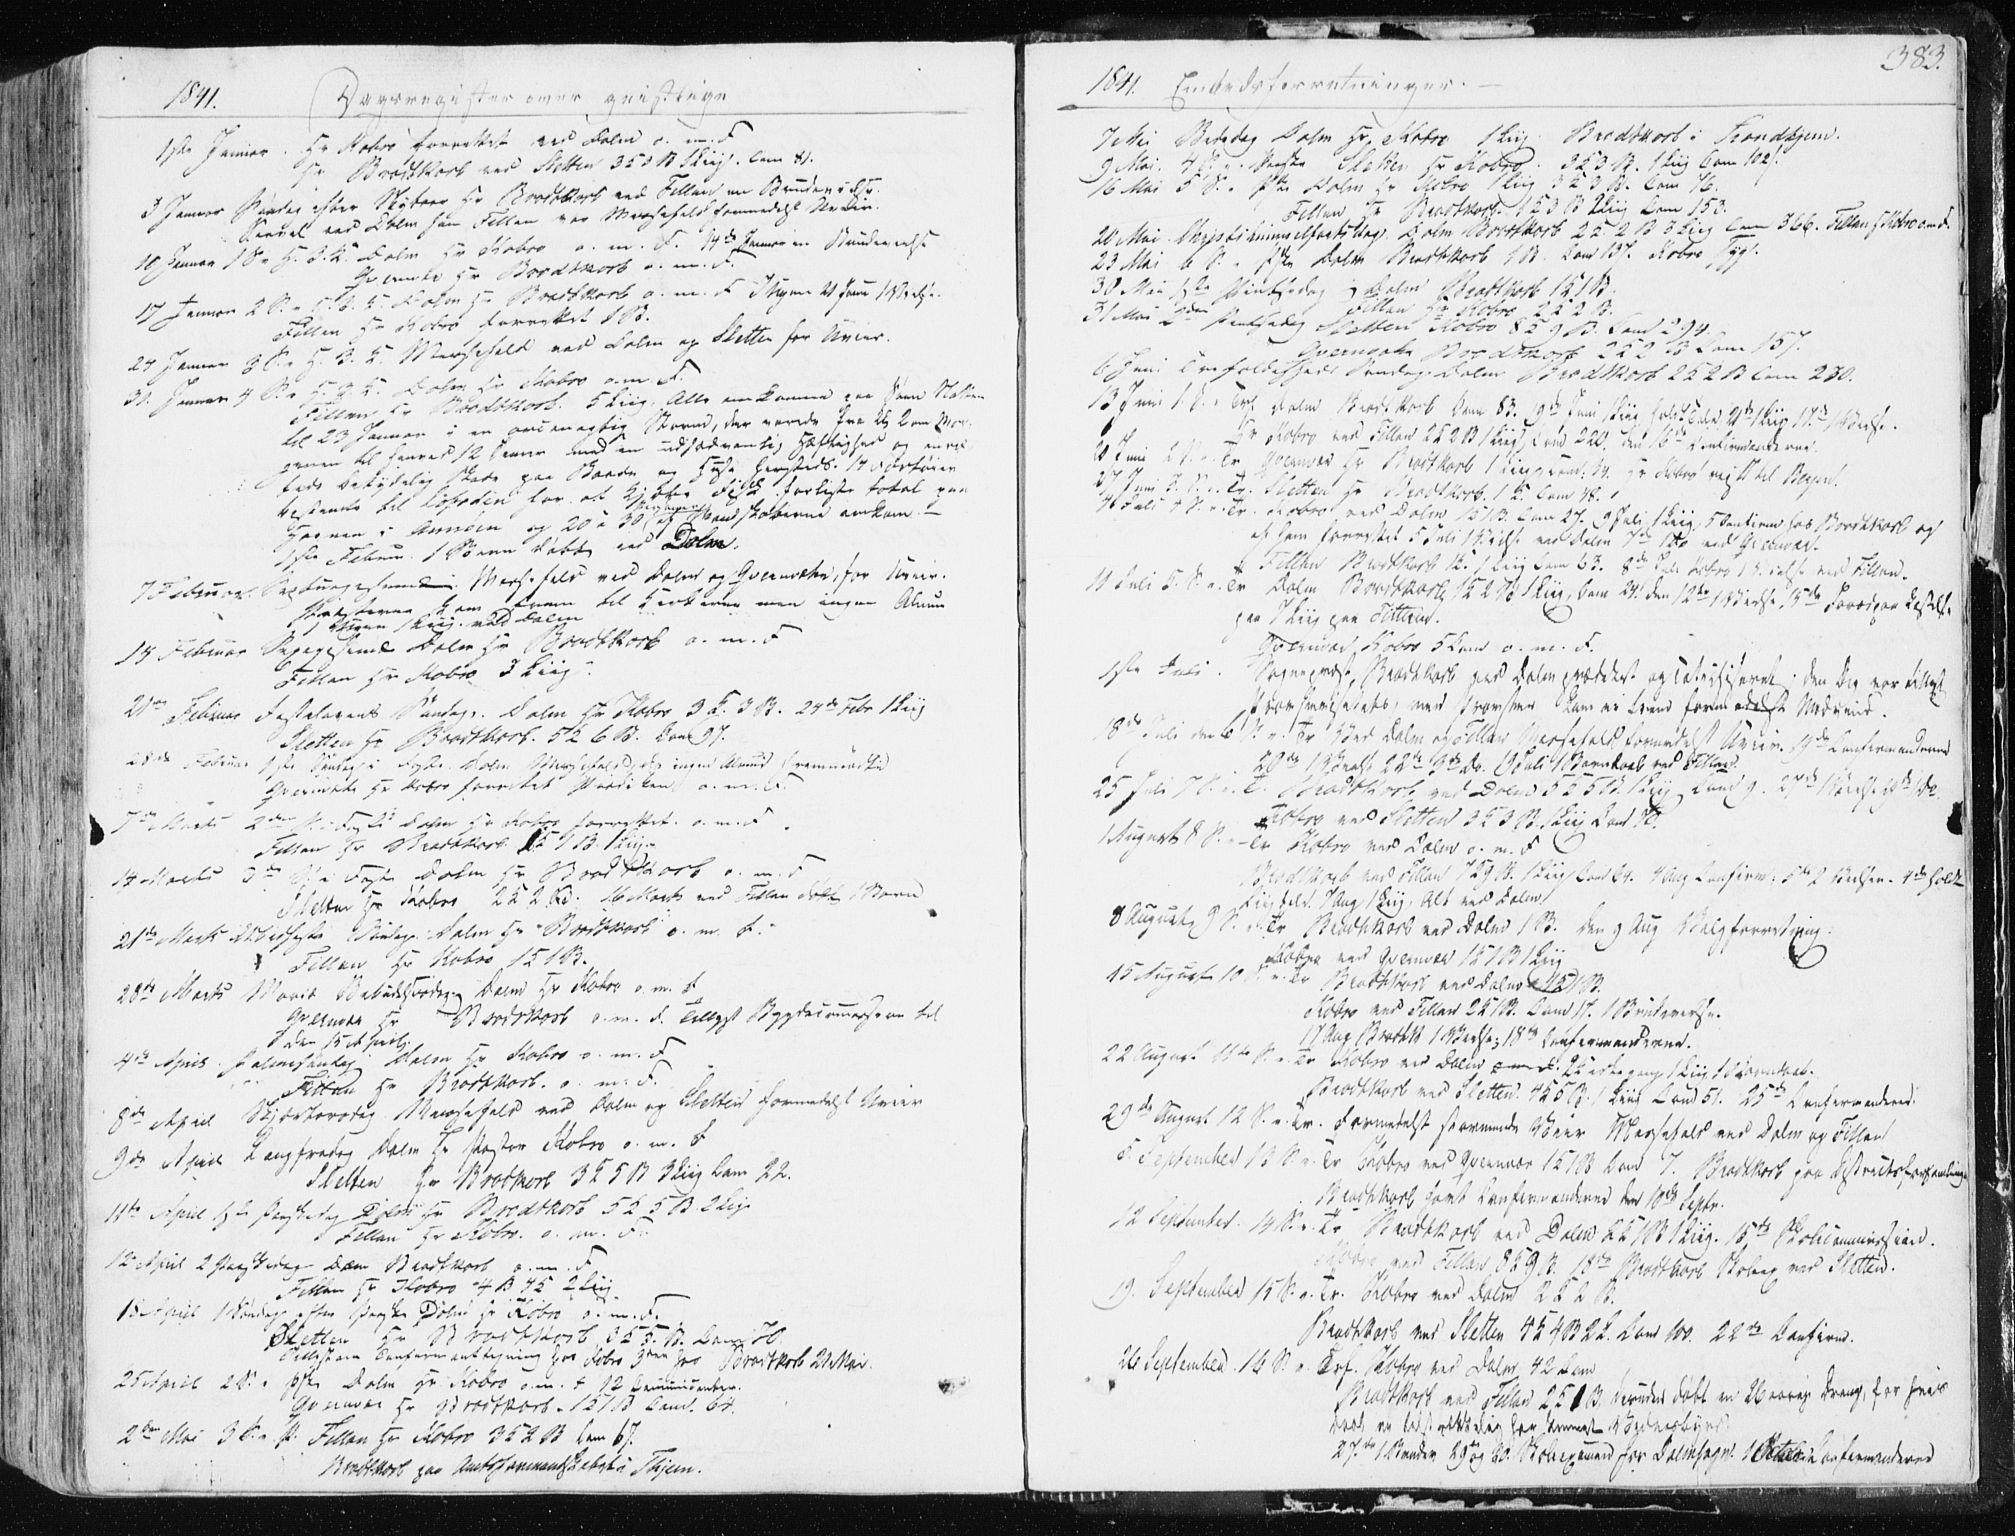 SAT, Ministerialprotokoller, klokkerbøker og fødselsregistre - Sør-Trøndelag, 634/L0528: Ministerialbok nr. 634A04, 1827-1842, s. 383